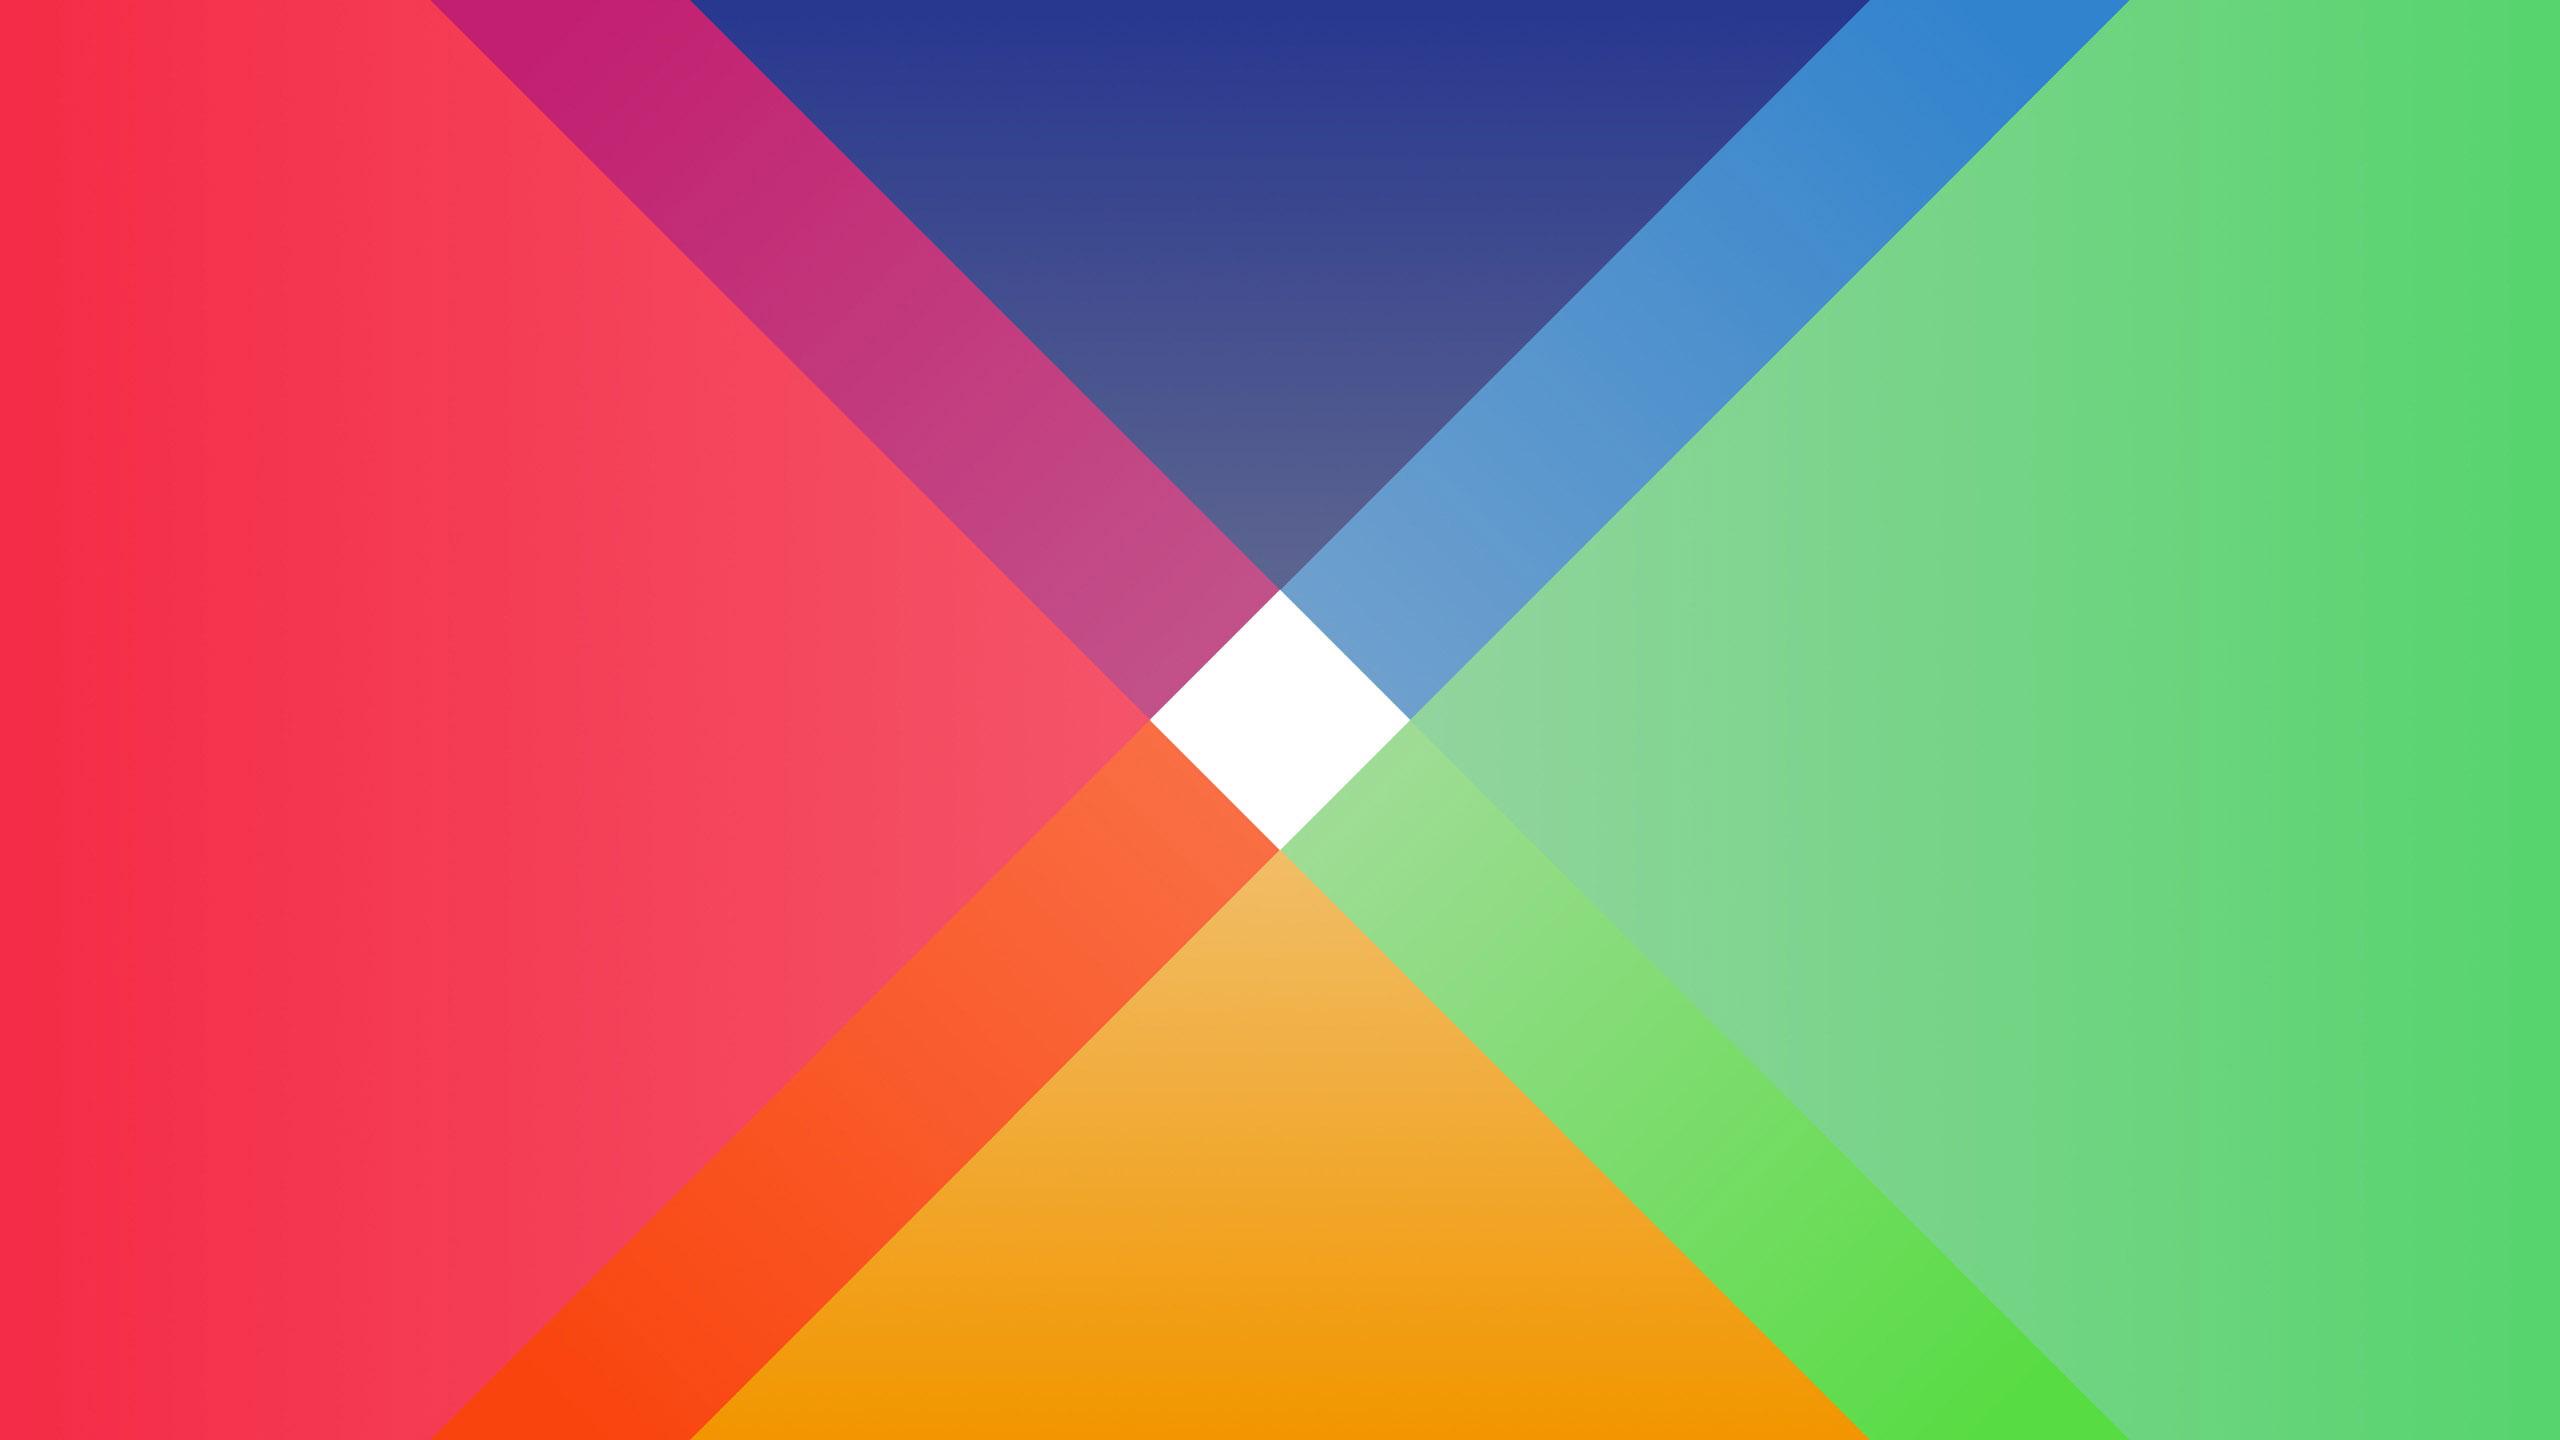 Minimalist 4K Wallpaper 12179 Wallpaper Download HD Wallpaper 2560x1440